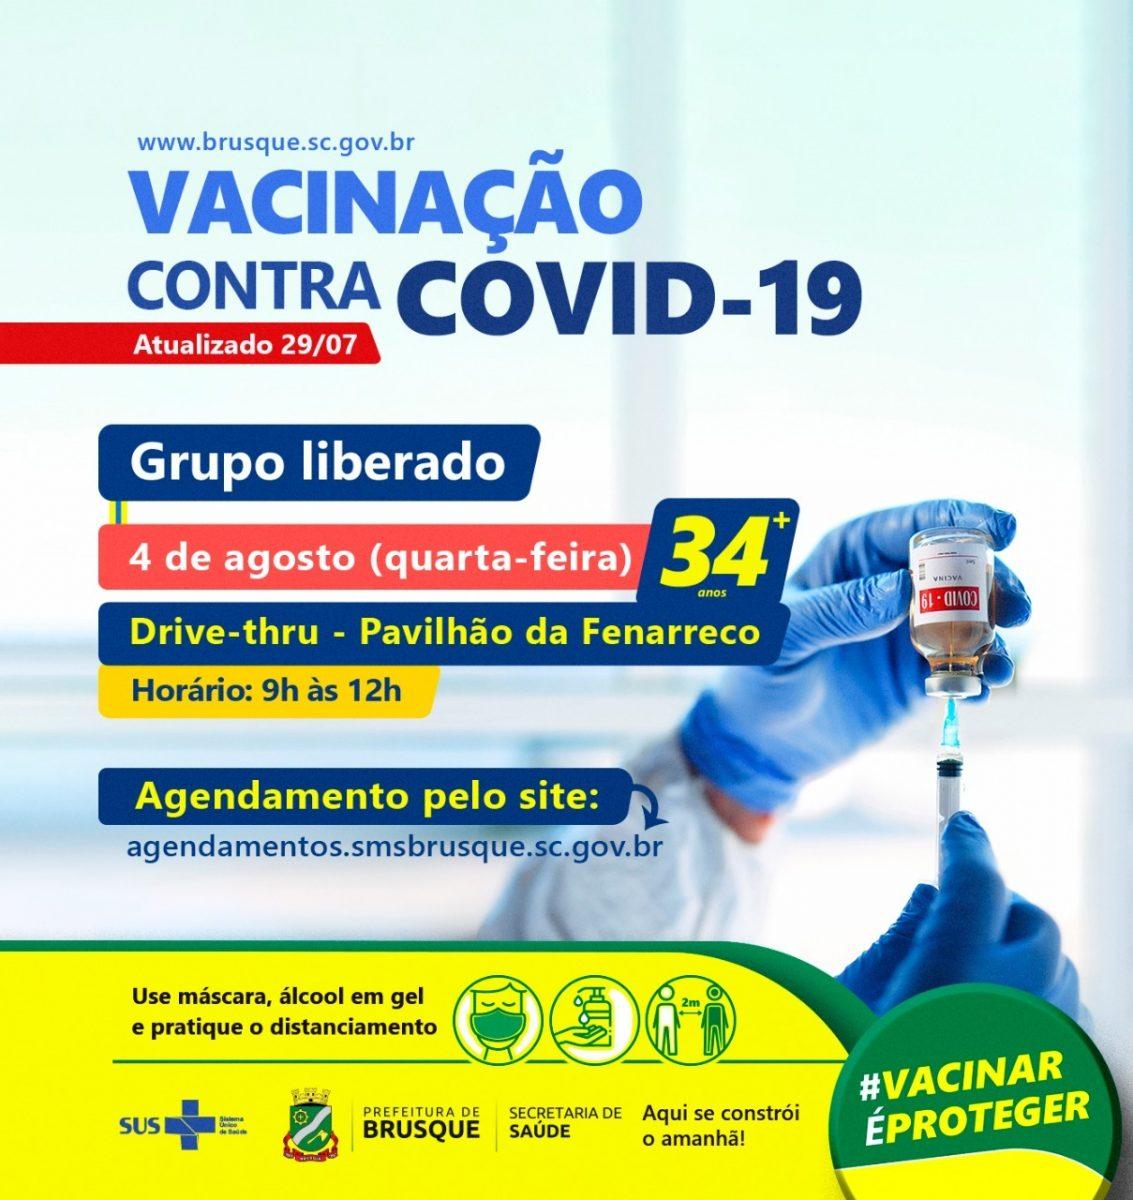 Covid-19: Ação simbólica de vacina marca o aniversário de 161 anos de Brusque